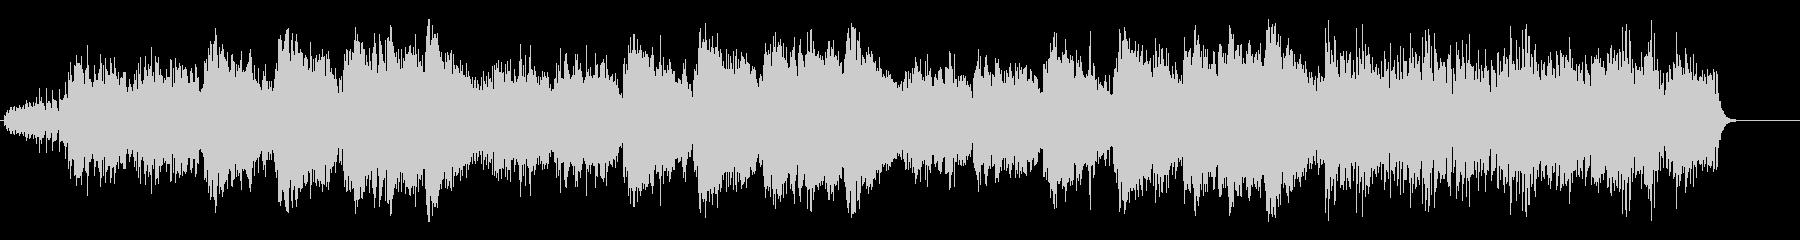 フルート&尺八&琴のフュージョンサウンドの未再生の波形